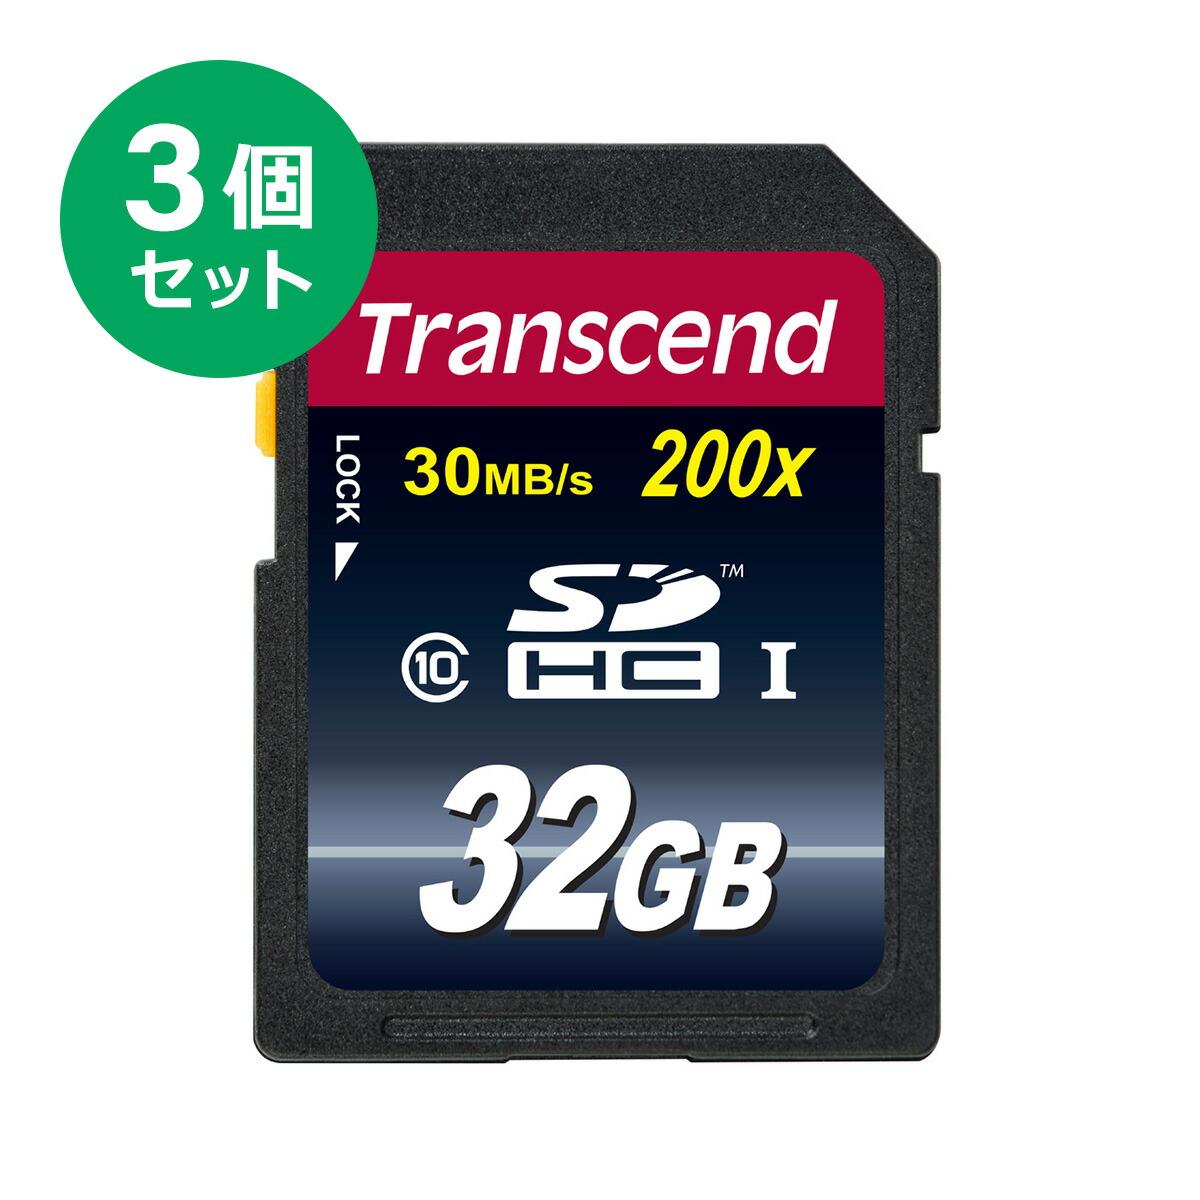 圧倒的な高評価レビュー4.5点 TS32GSDHC10 ネコポス専用 送料無料 まとめ割 3個セット Transcend 予約販売 SDカード 32GB 卒業 5年保証 メモリーカード SDHC 激安通販専門店 32 入学 クラス10 Class10